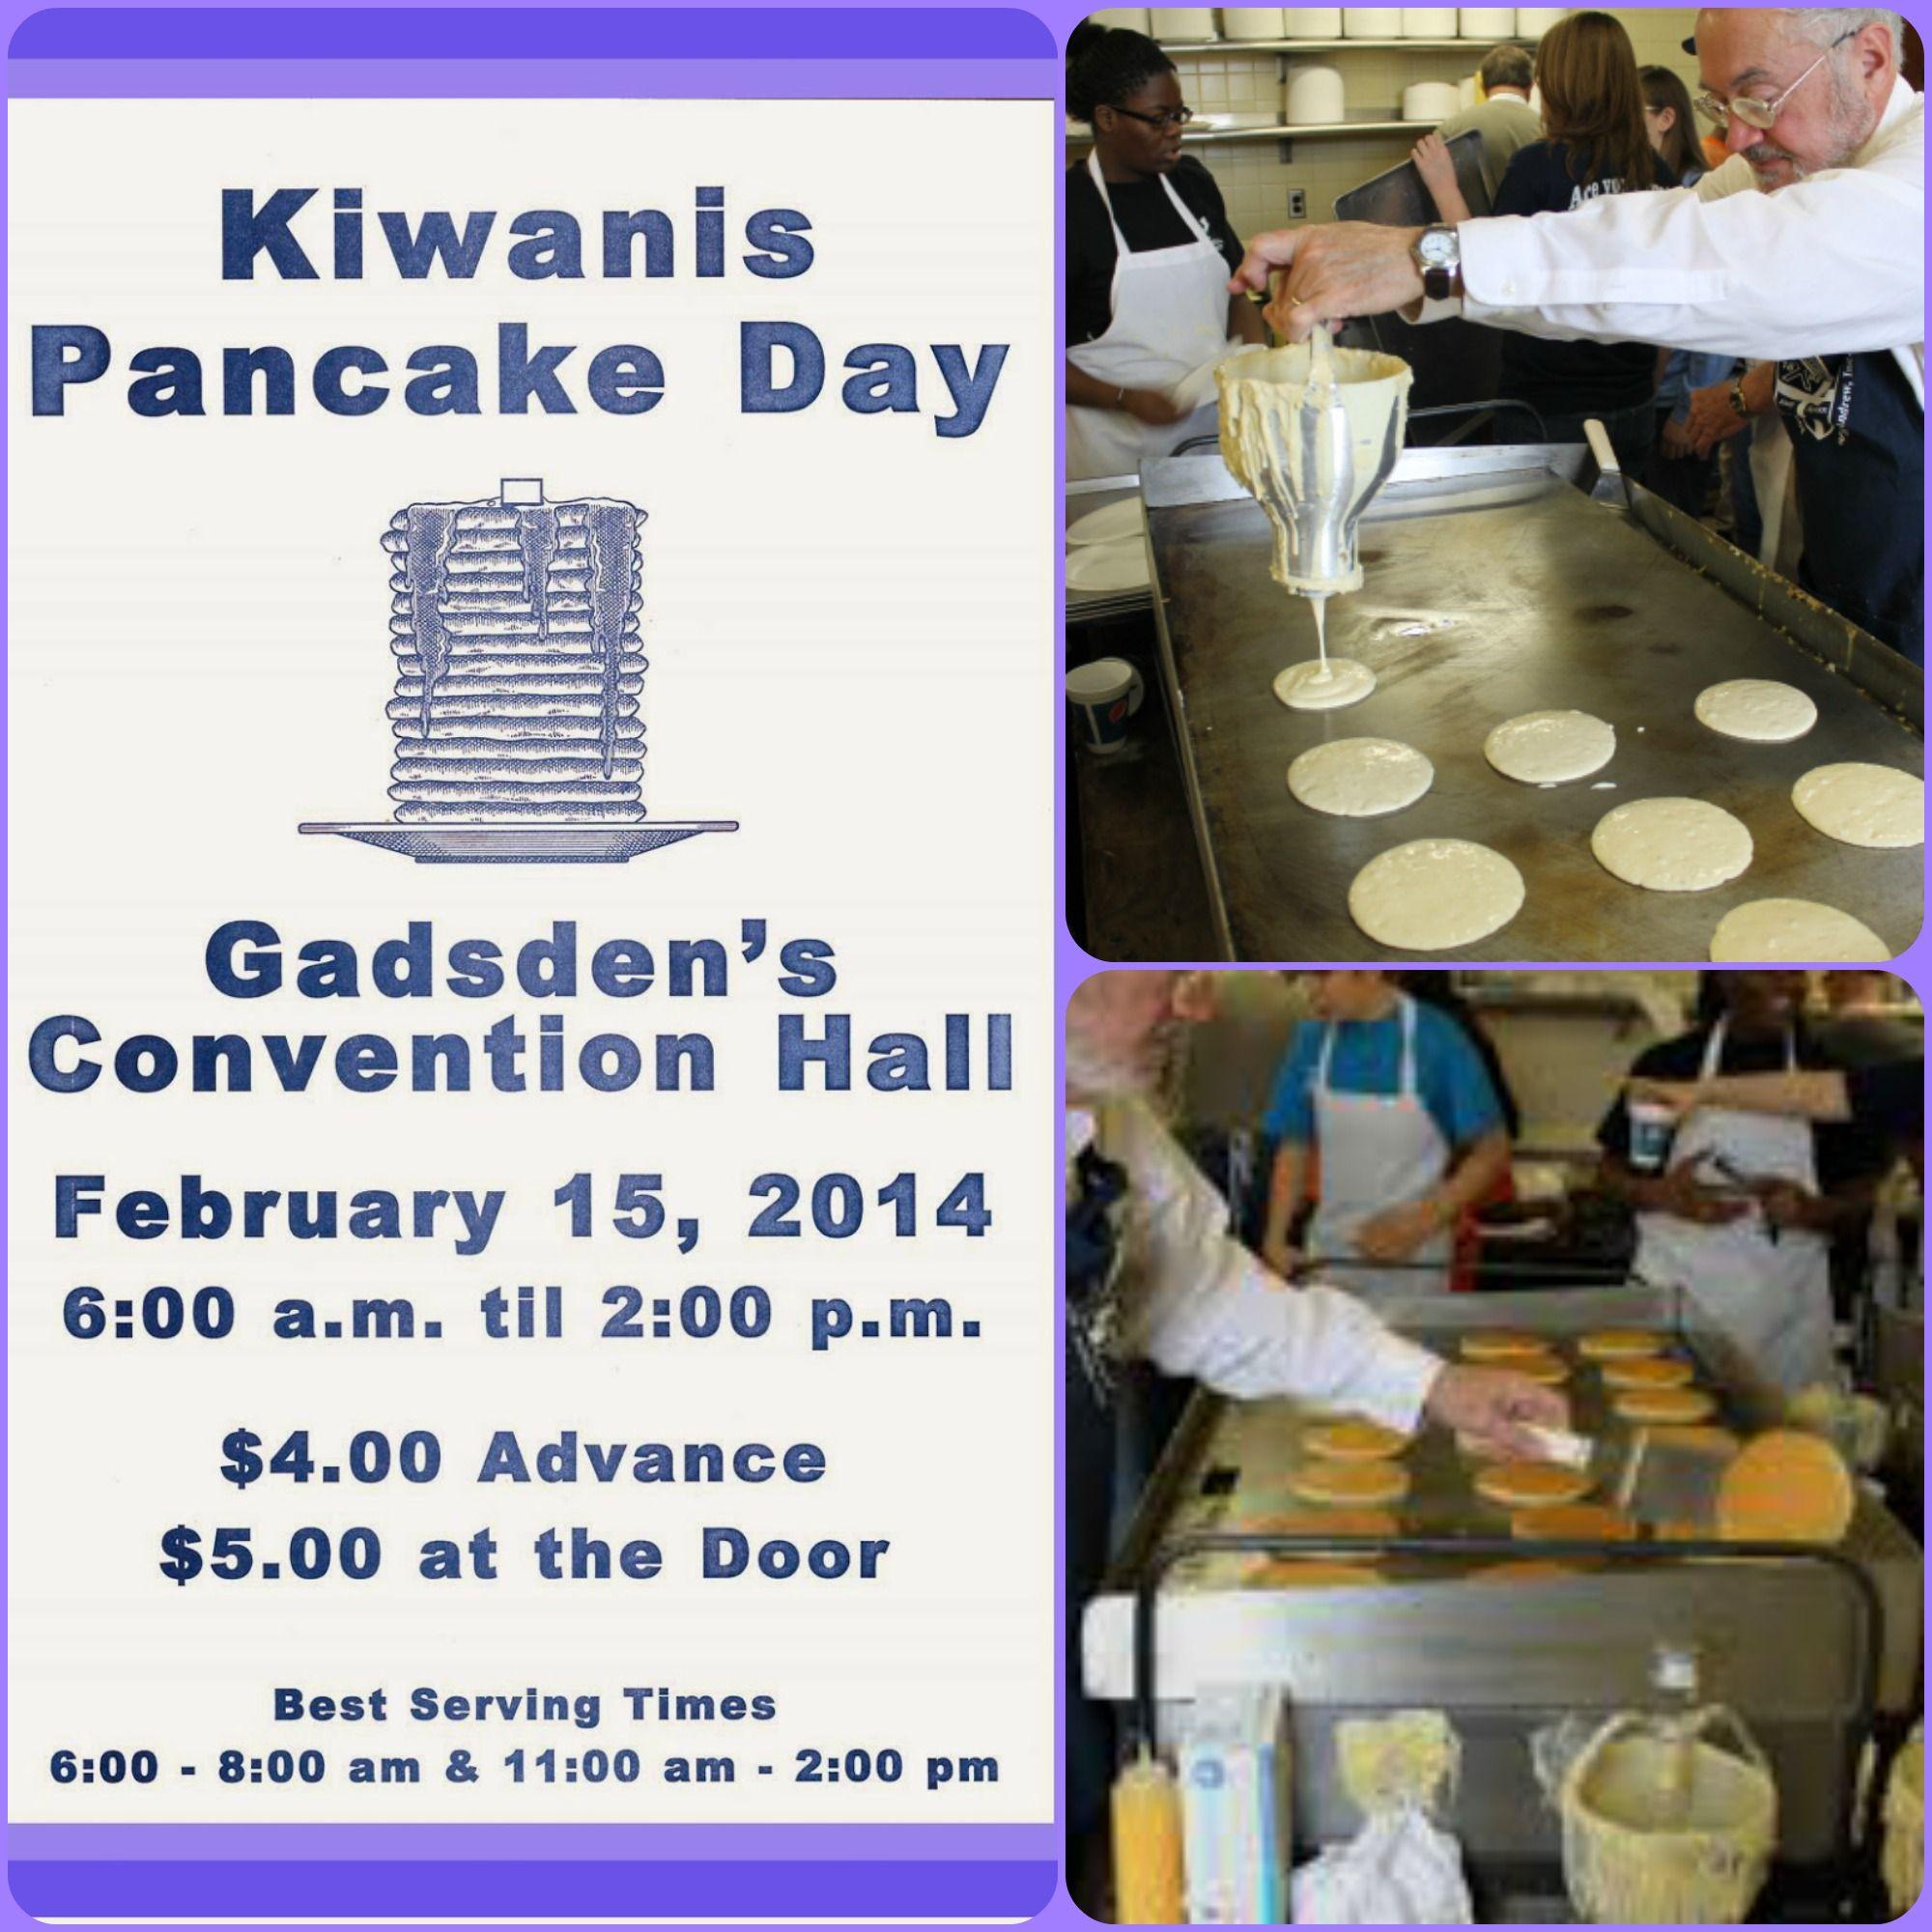 Annual Kiwanis Pancake Day